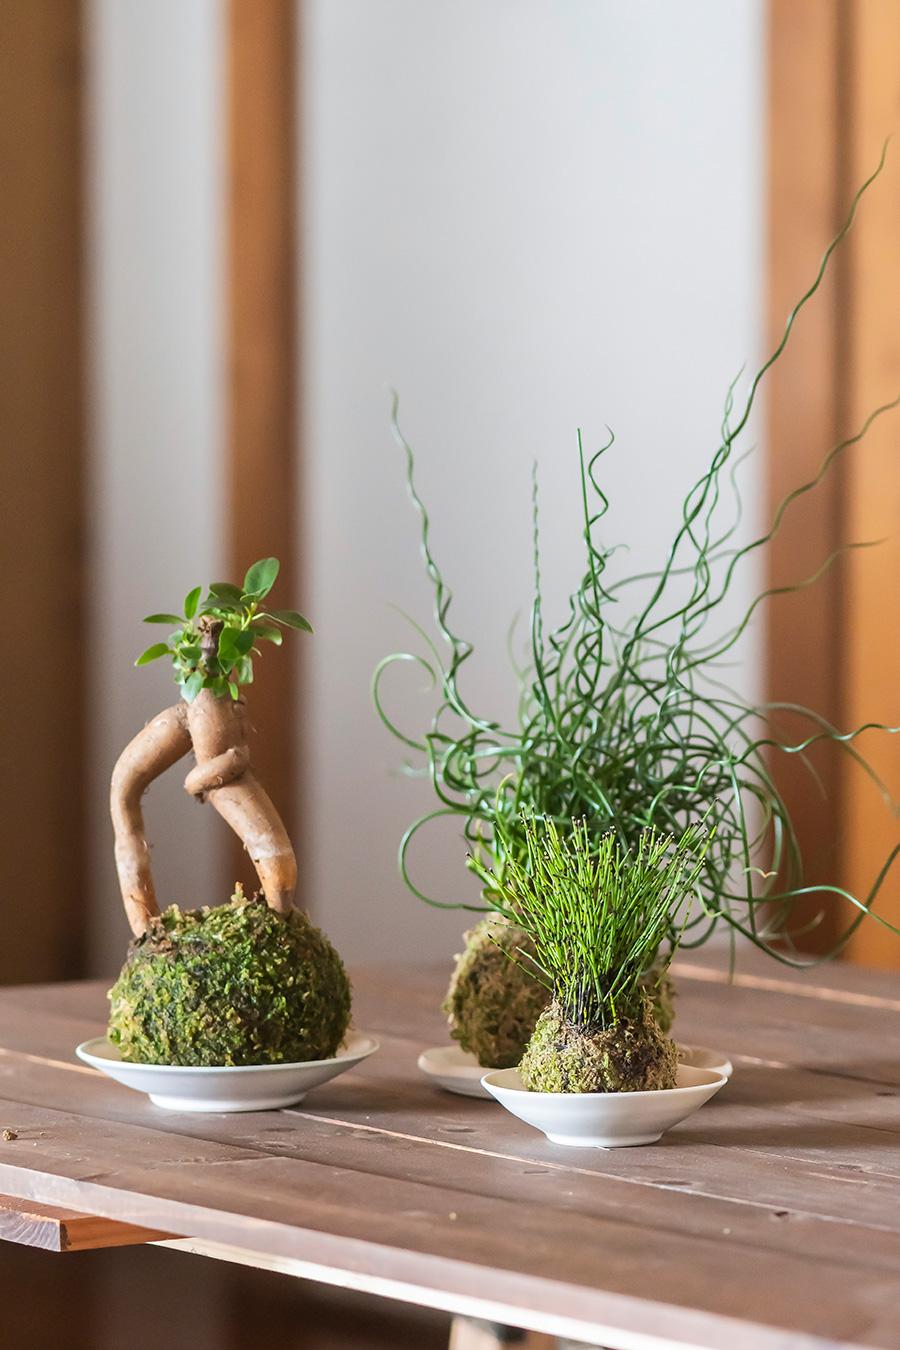 常緑高木ガジュマル(左)と、螺旋の形状がおもしろいラセンイ(奥)、山野草ヒメトクサ(右)。器は作家・奥絢子さん作。